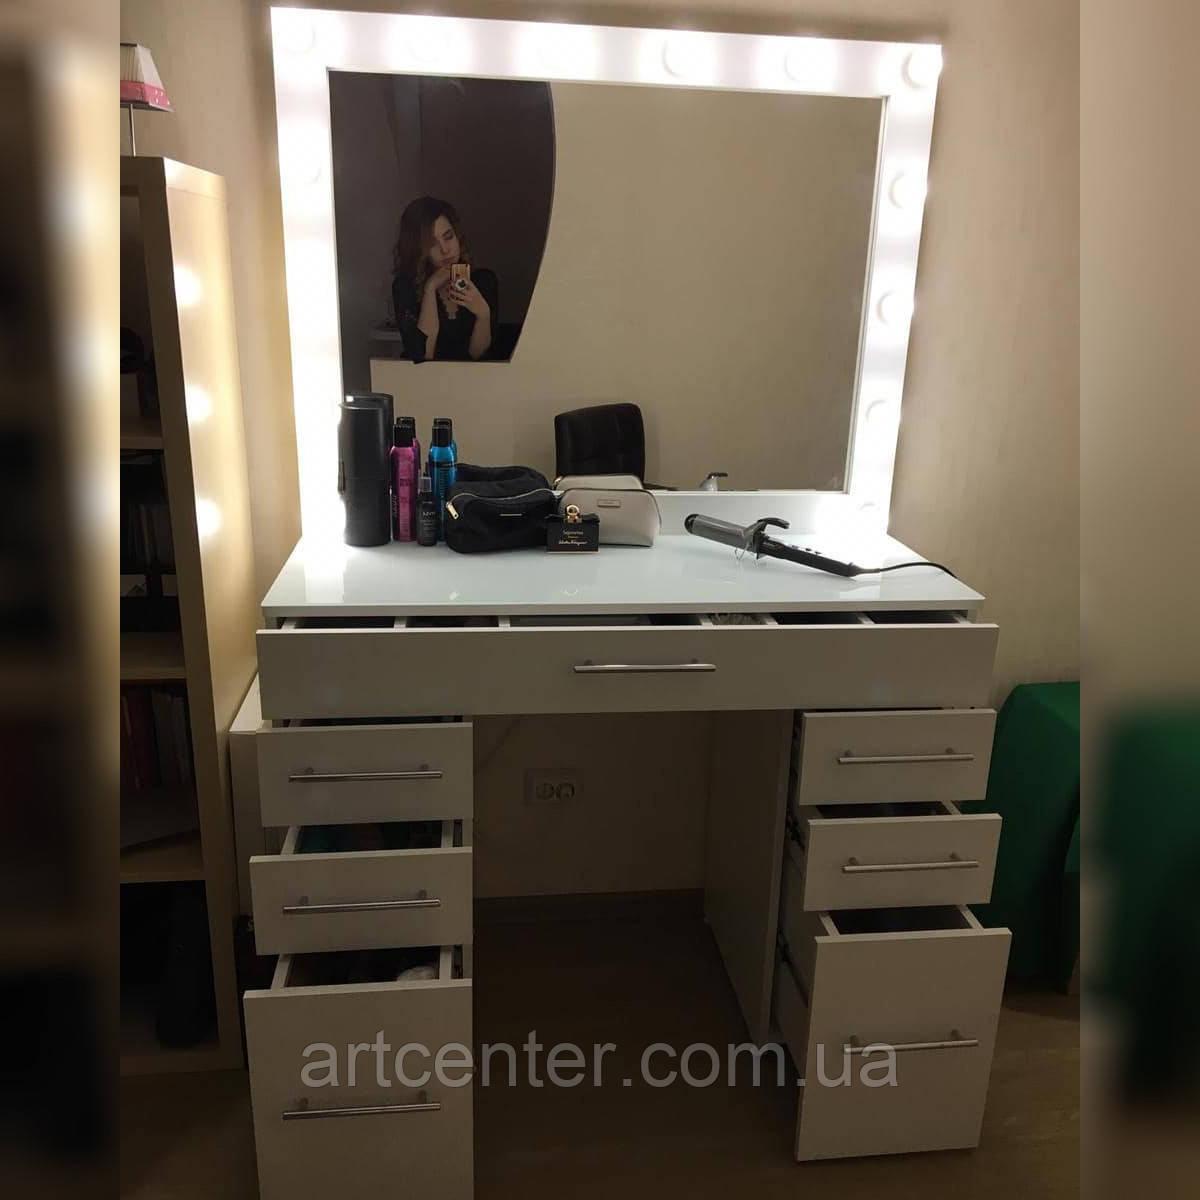 Туалетний столик з дзеркалом і місткими ящиками